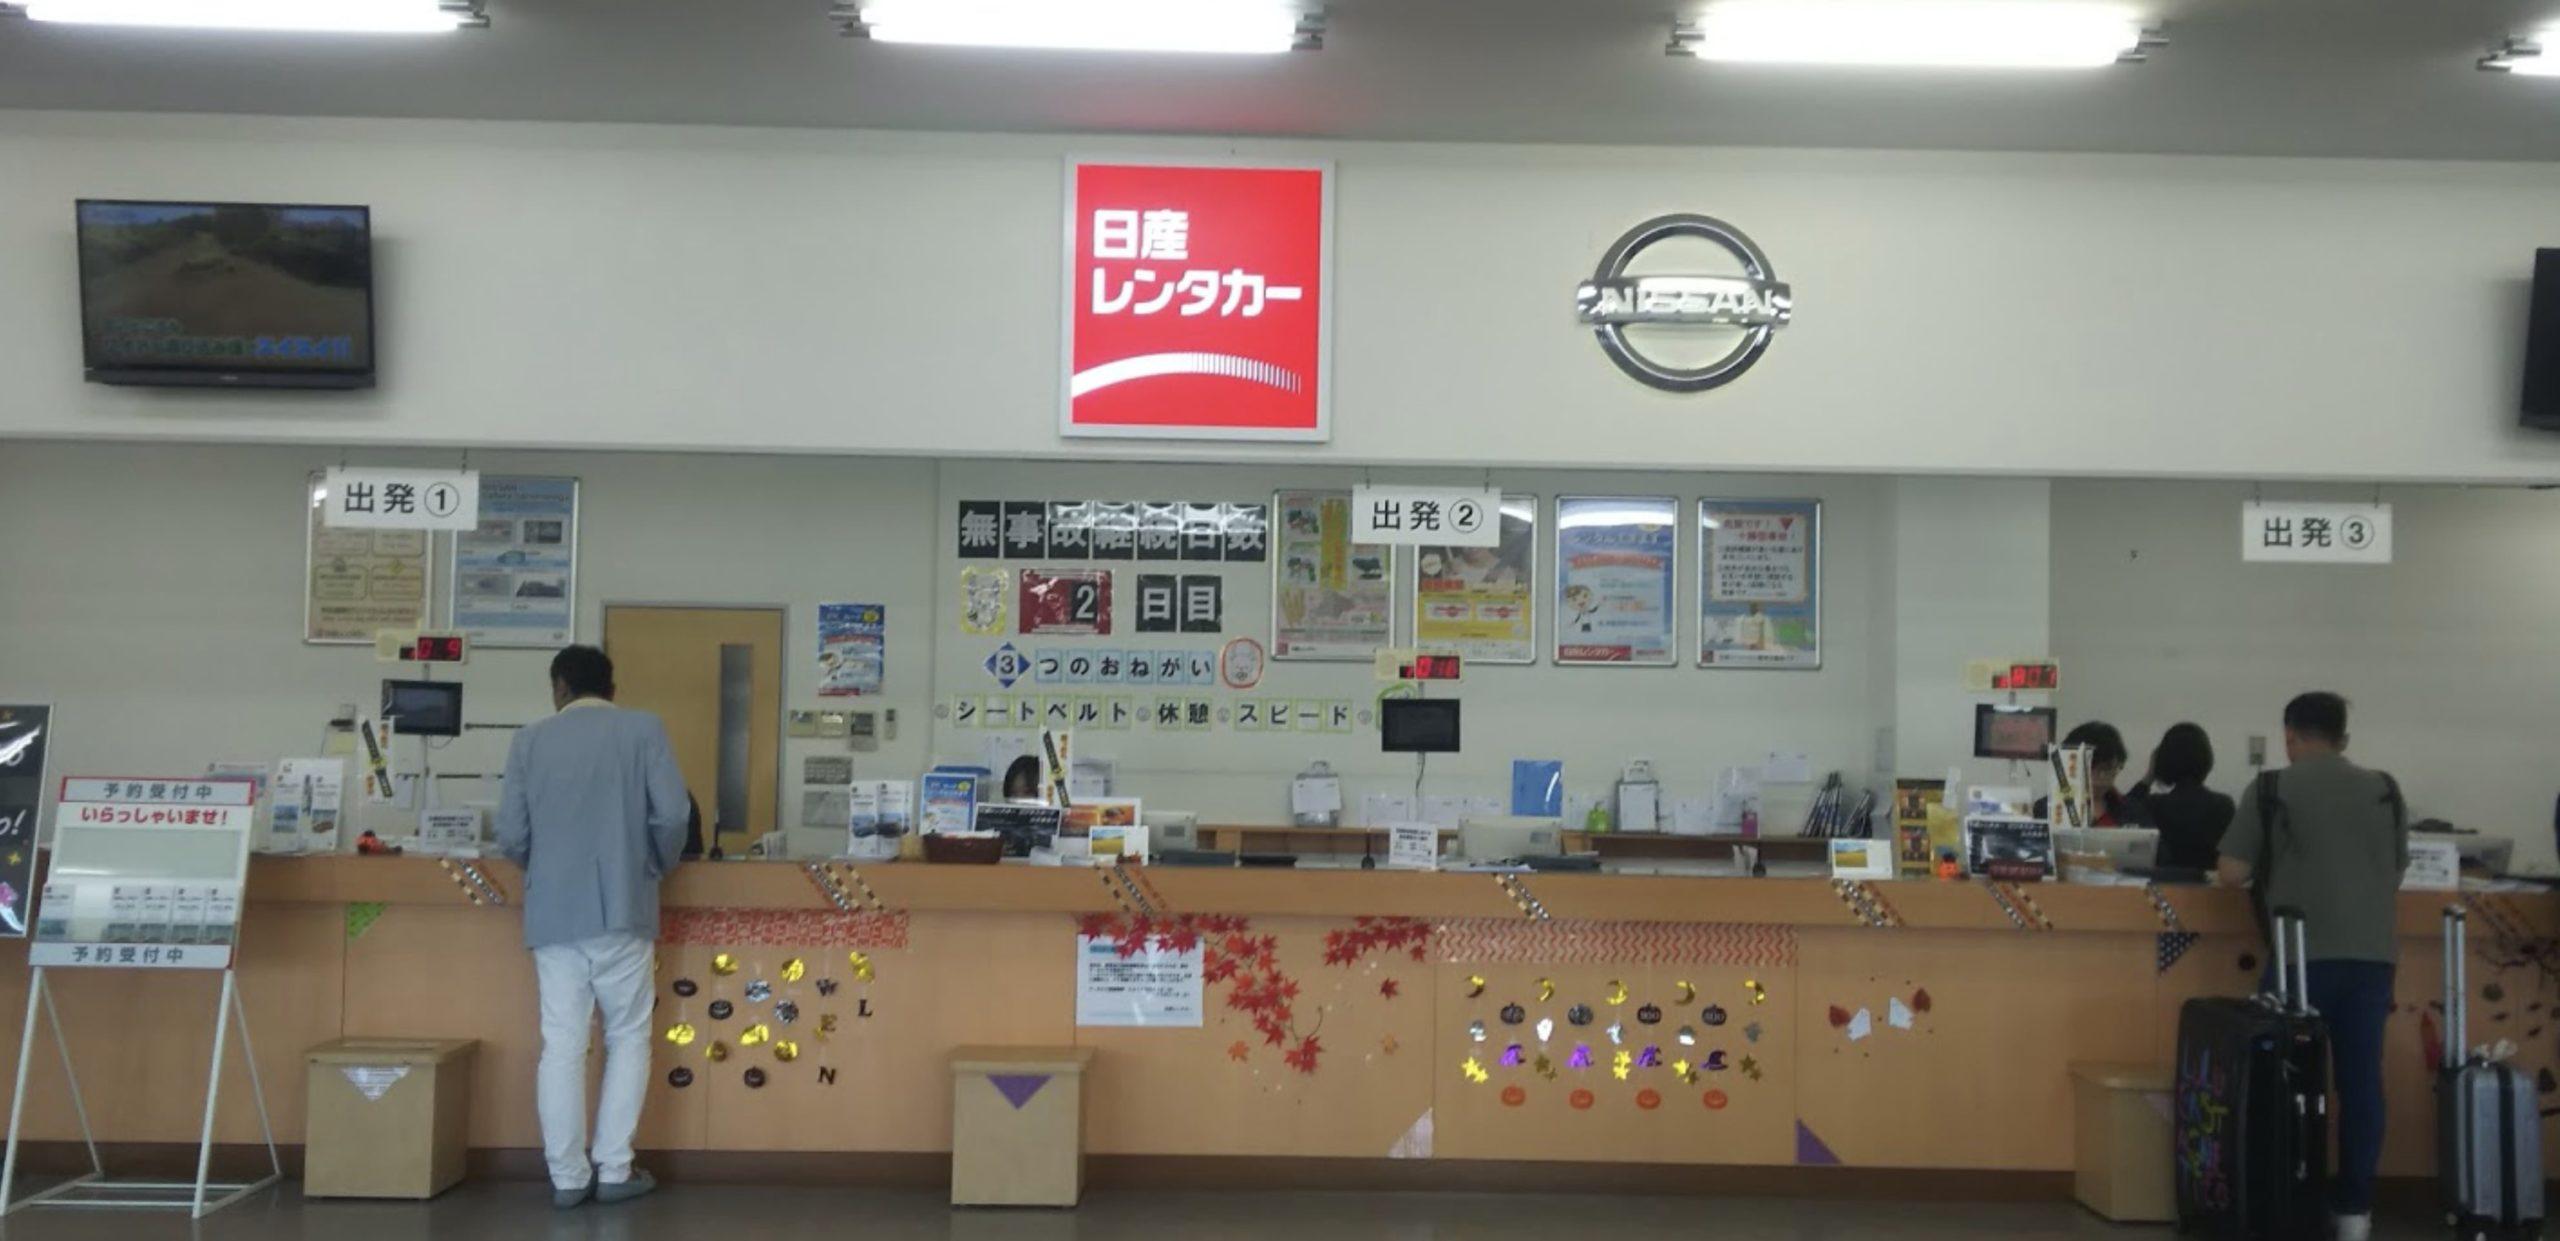 日産レンタカー新千歳空港店